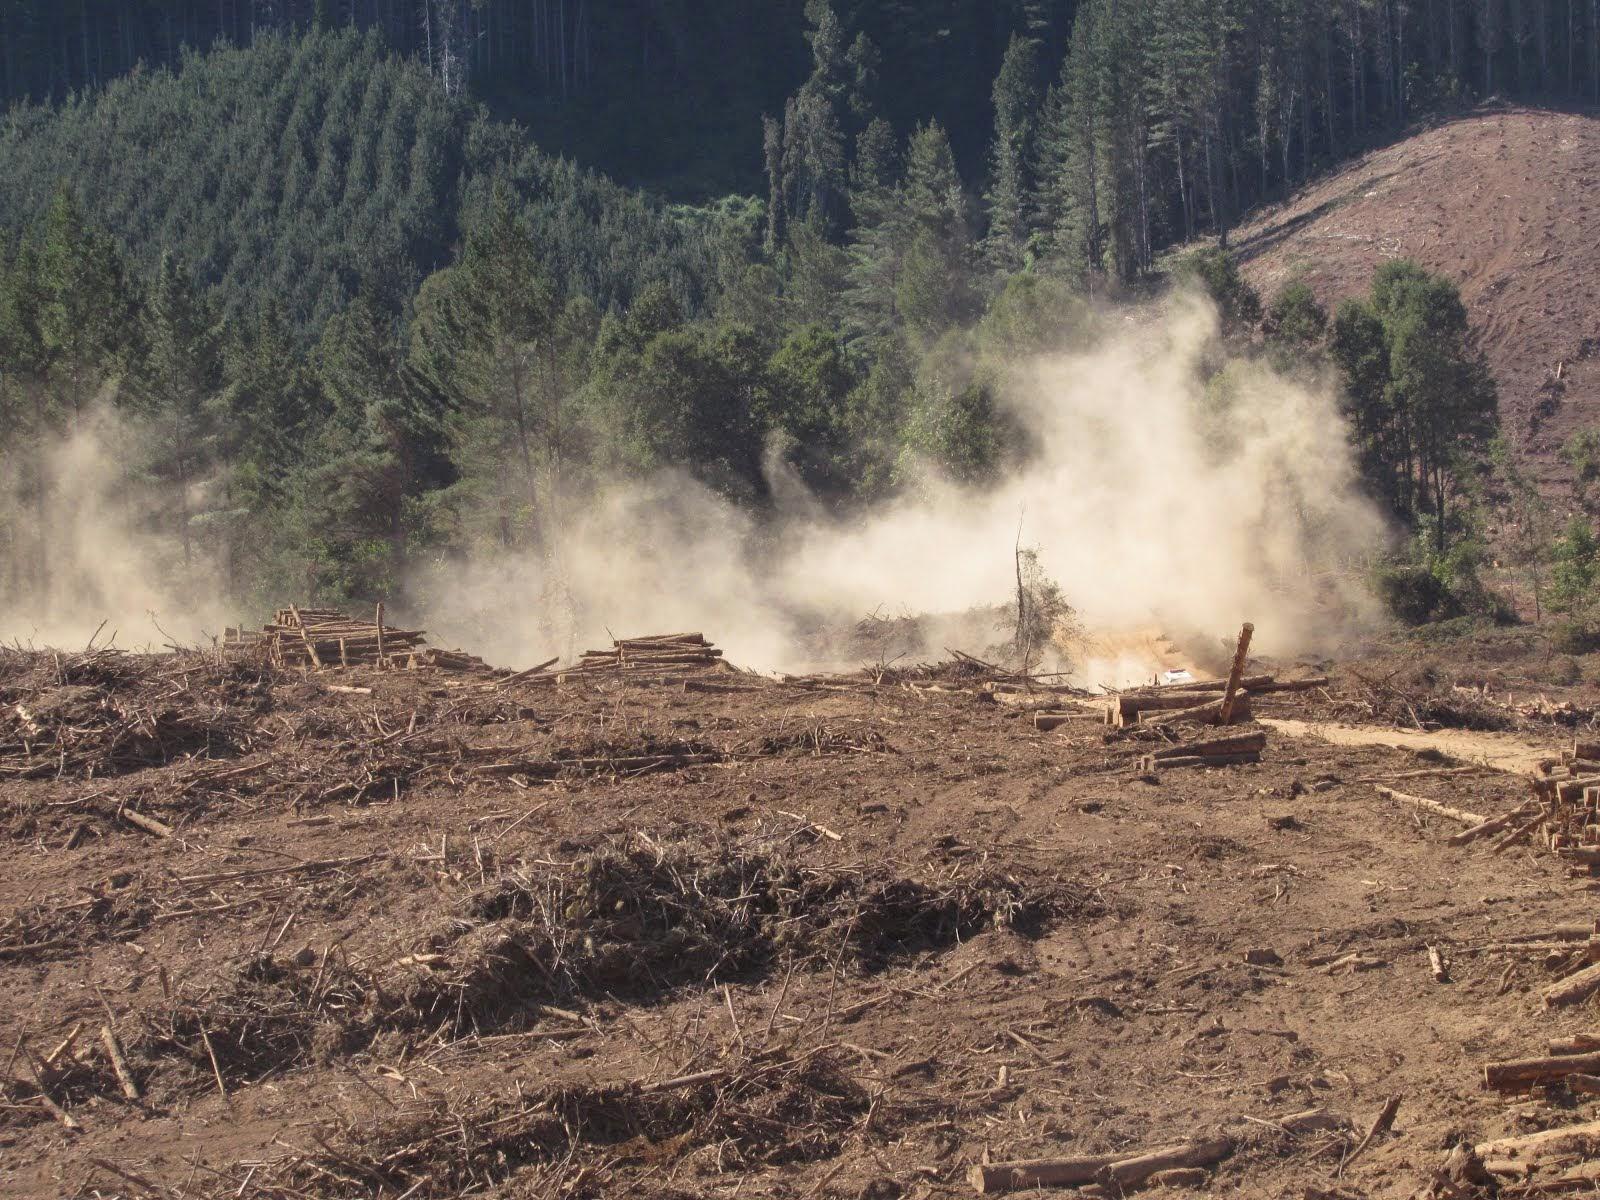 Fundo de la Forestal Arauco-Valdivia, Territorio Ancestral de la Comunidad Mapuche de Lumaco, Lanco